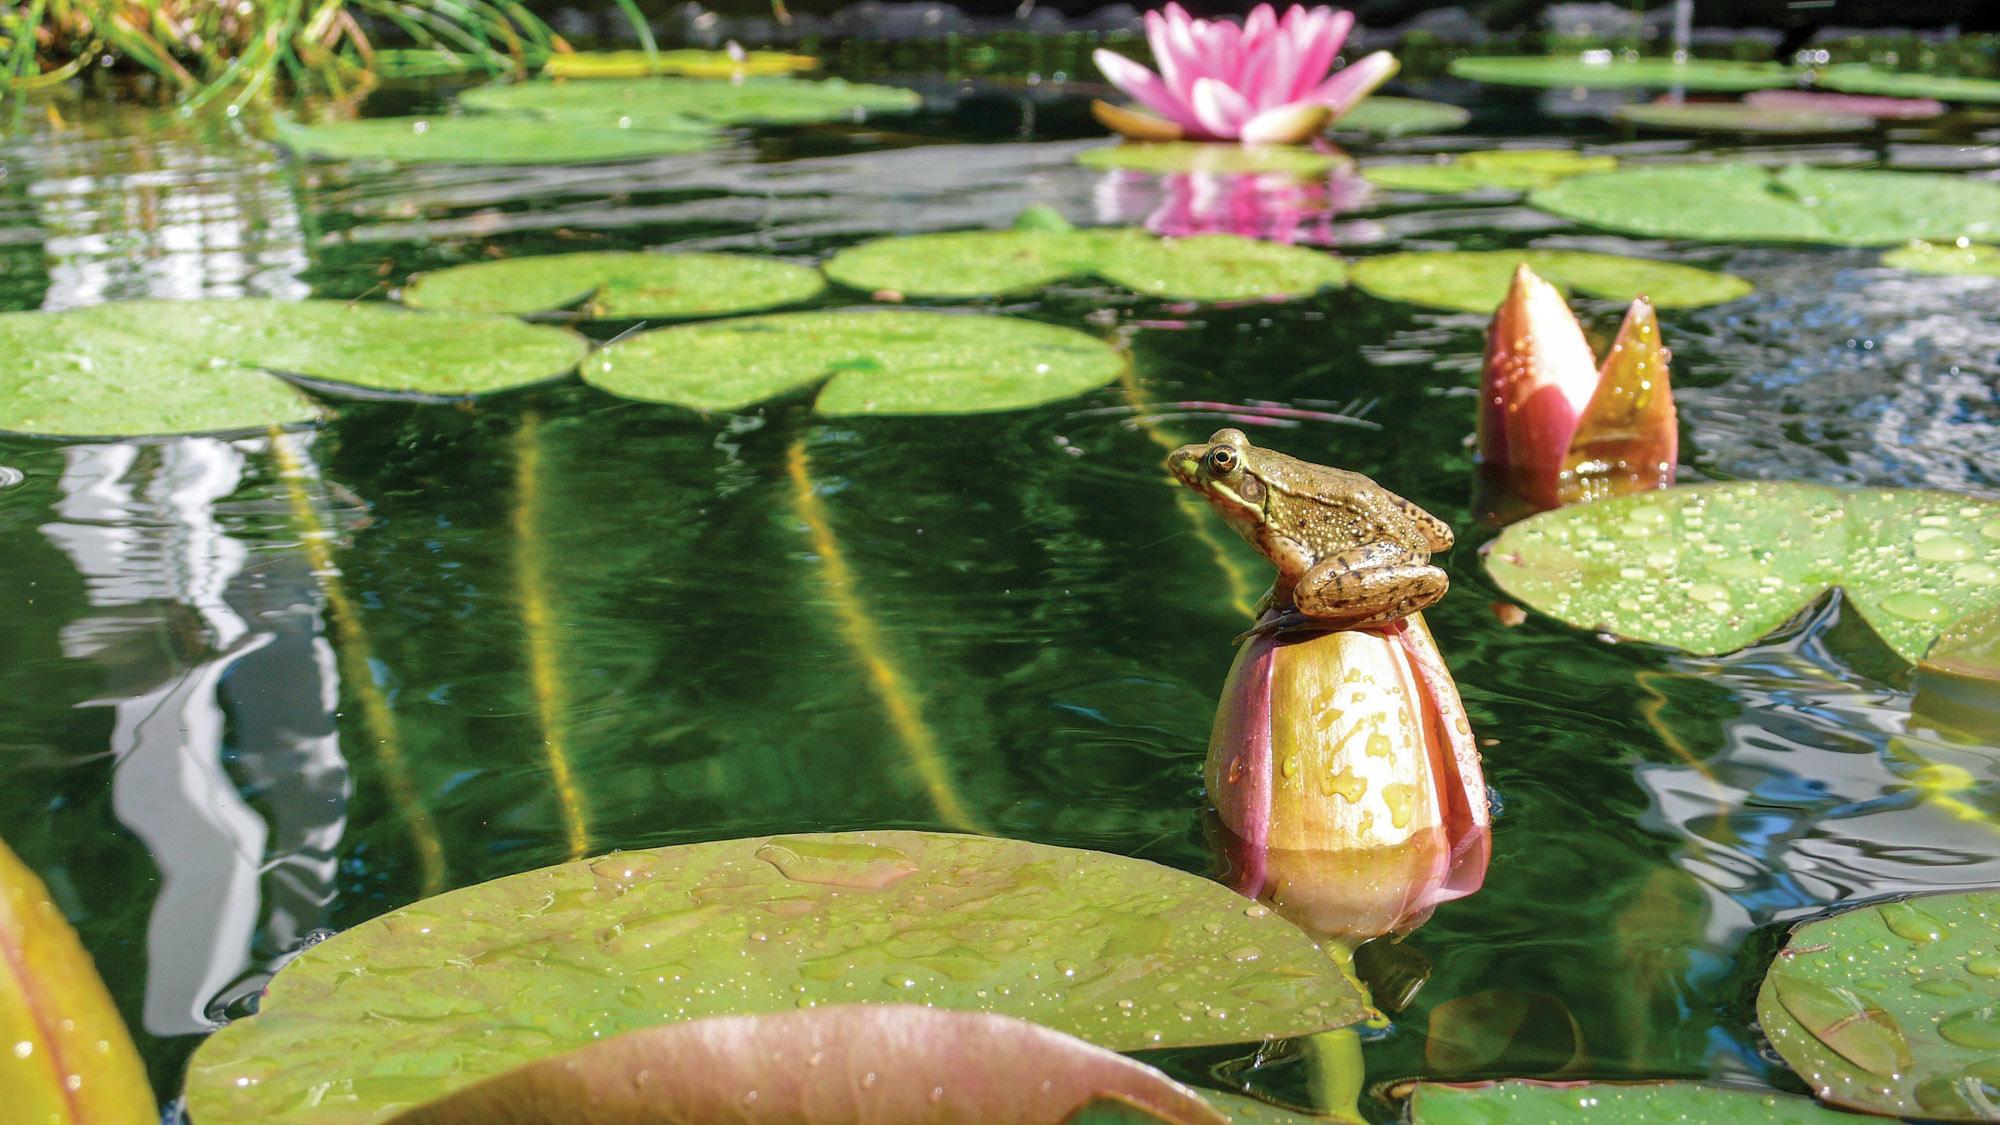 frog in frog pond